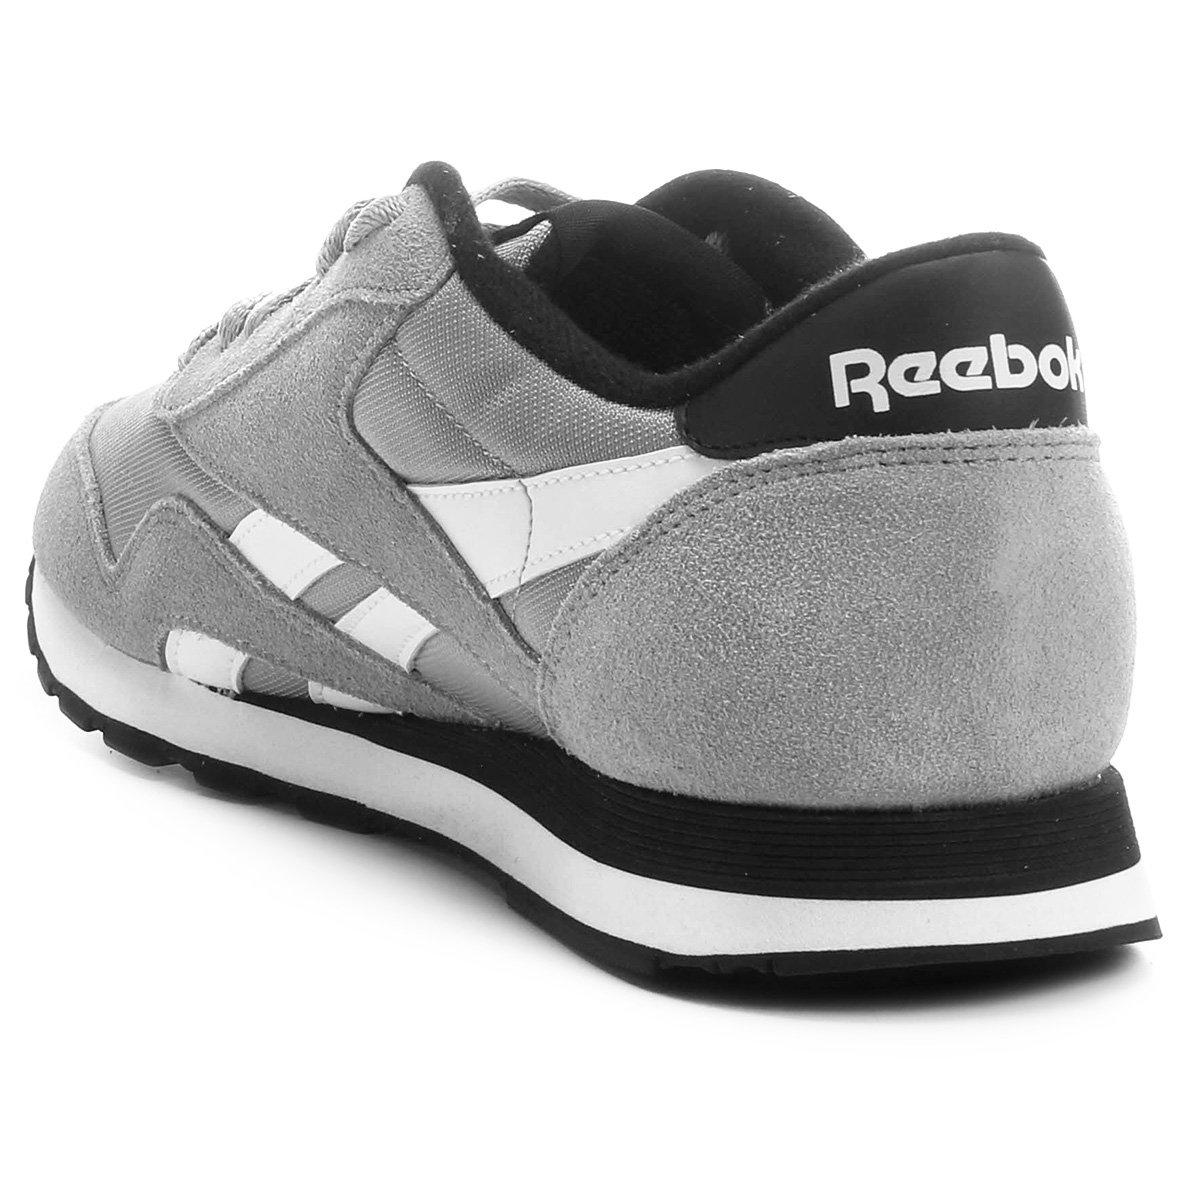 42e949c905 Tênis Reebok Classic Nylon Ts - Compre Agora